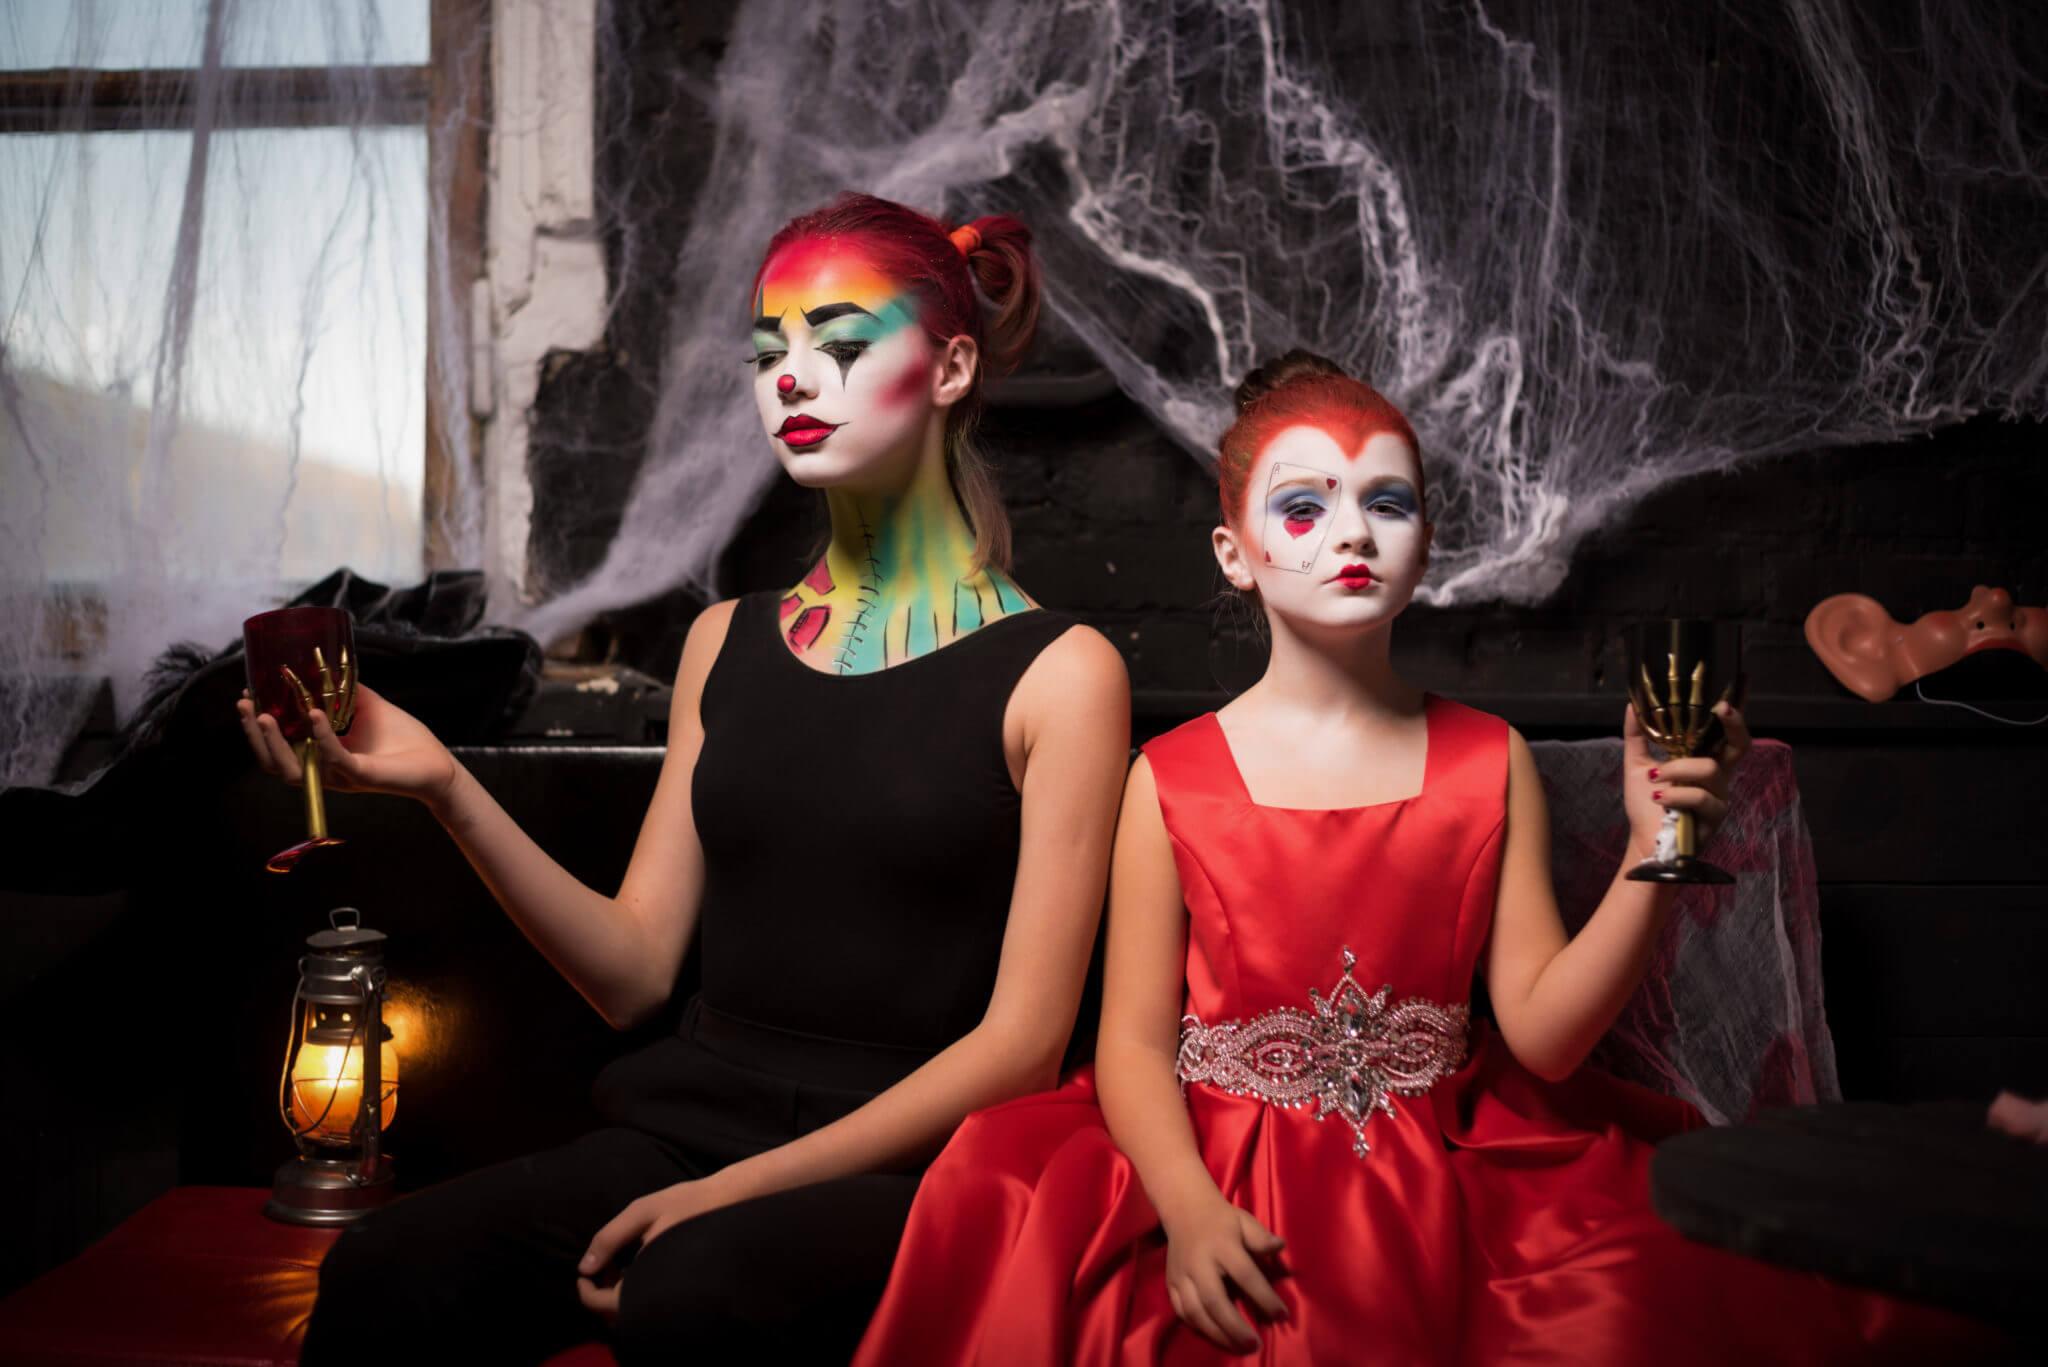 Фотосессия на Хэллоуин, ph Постникова Алиса, 2 девочки с фейс-артом и бокалом в руках на фоне черной стены в паутине